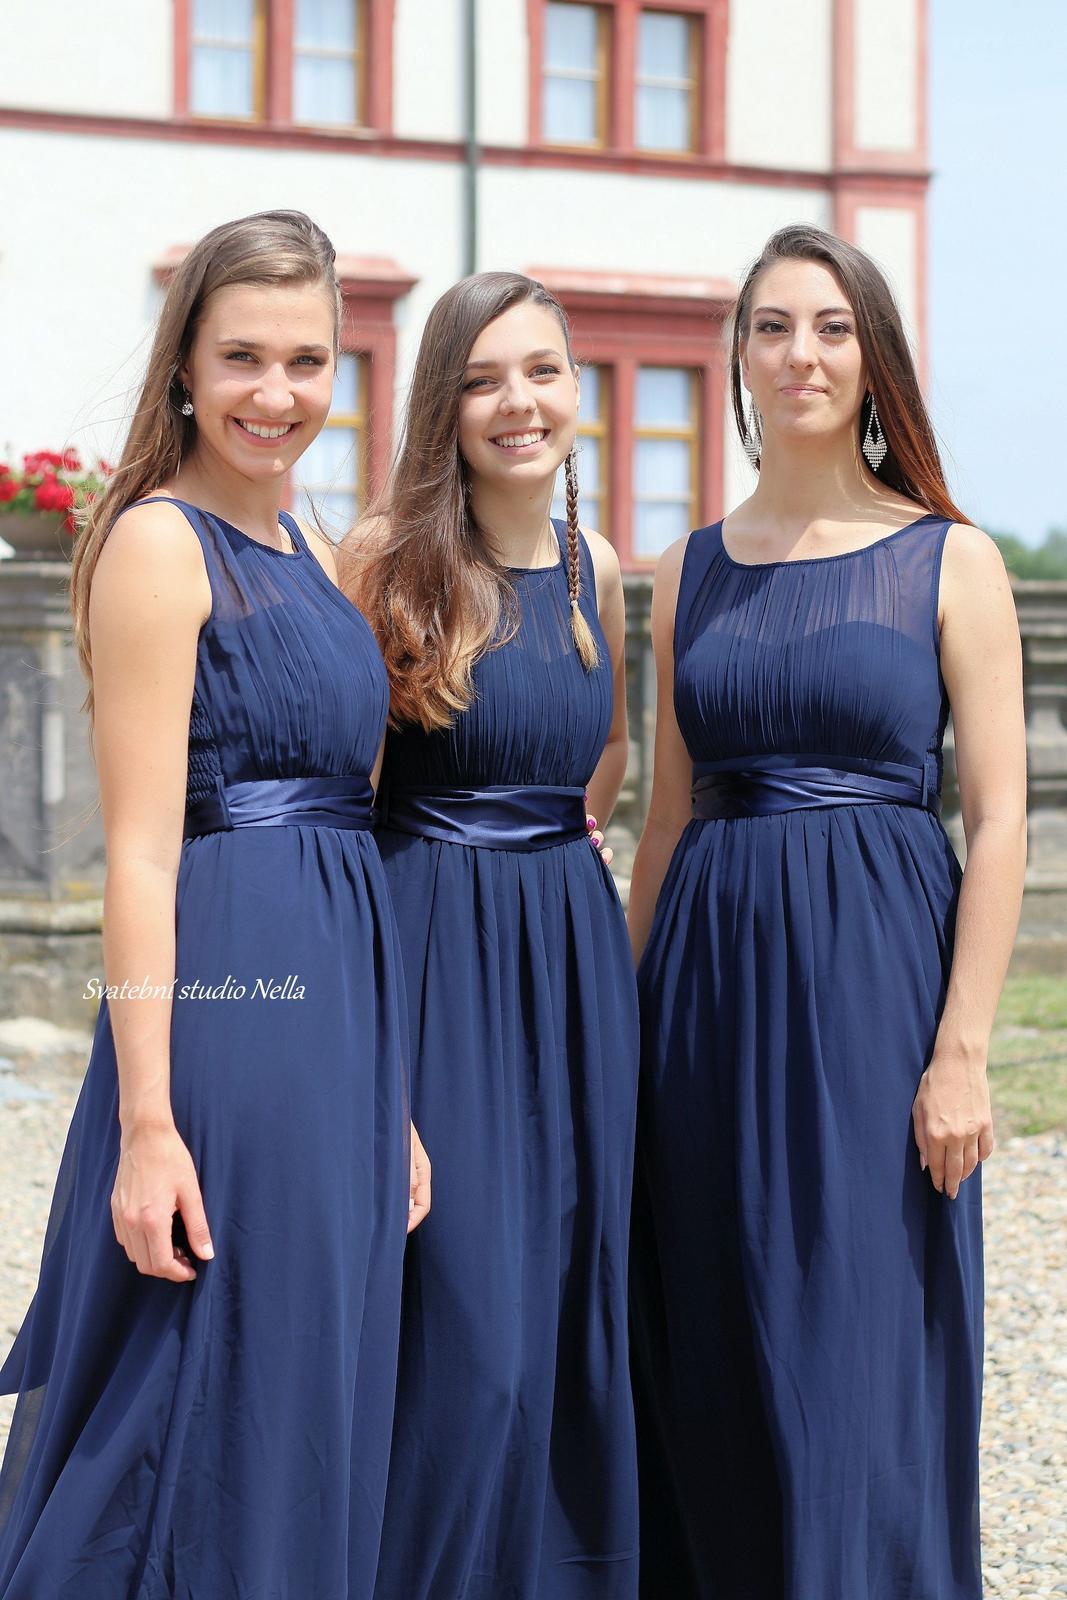 Šaty na svatbu pro družičky - Dlouhé šaty na svatbu pro družičky www.svatebninella.cz